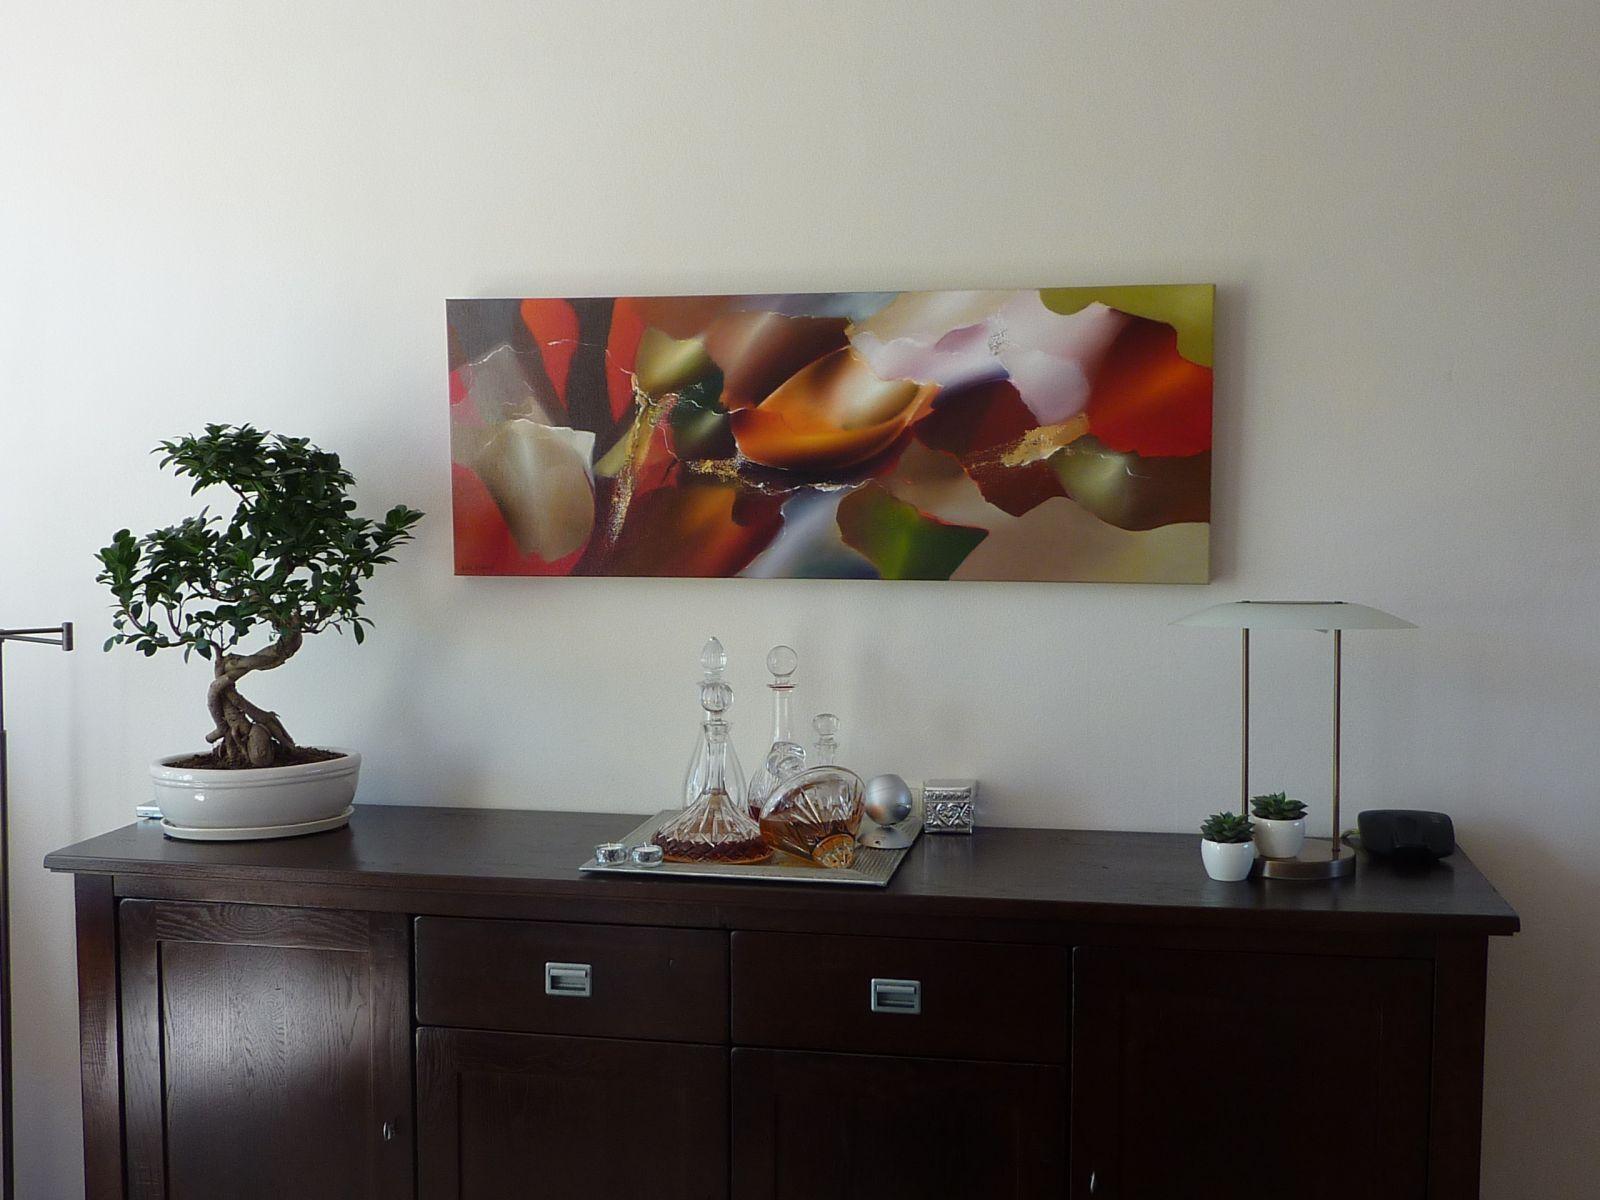 Arie koning abstracte schilderijen kopen en moderne schilderkunst in warme kleuren interieur - Moderne kamer volwassen schilderij ...